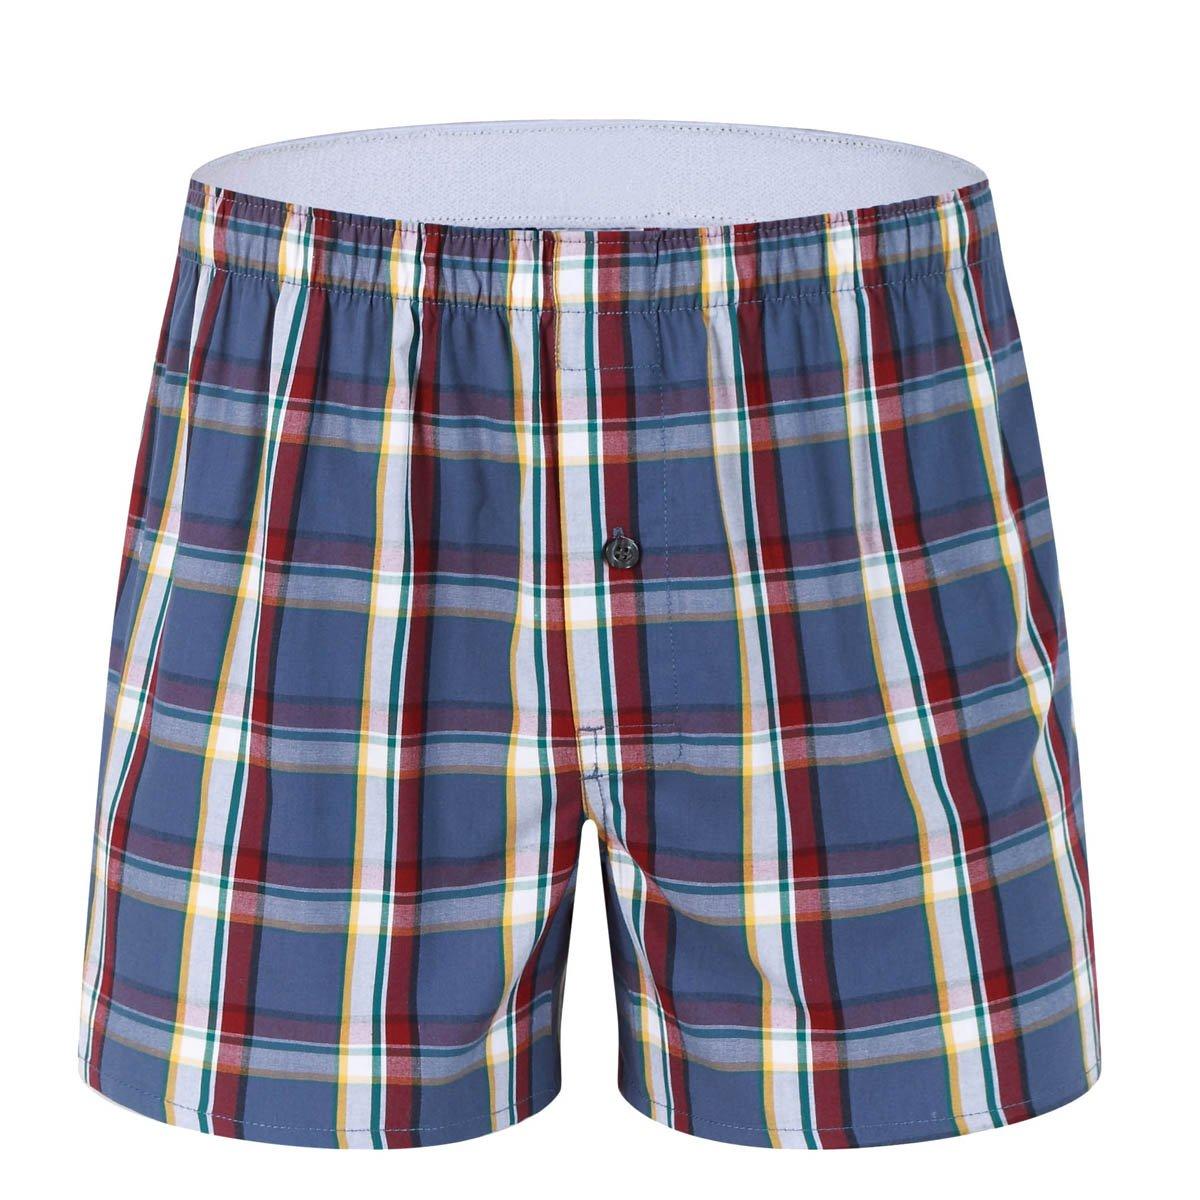 1-Pack Men's Colorful Woven Boxer Underwear 100% Cotton Premium Quality Shorts T3-X-Large